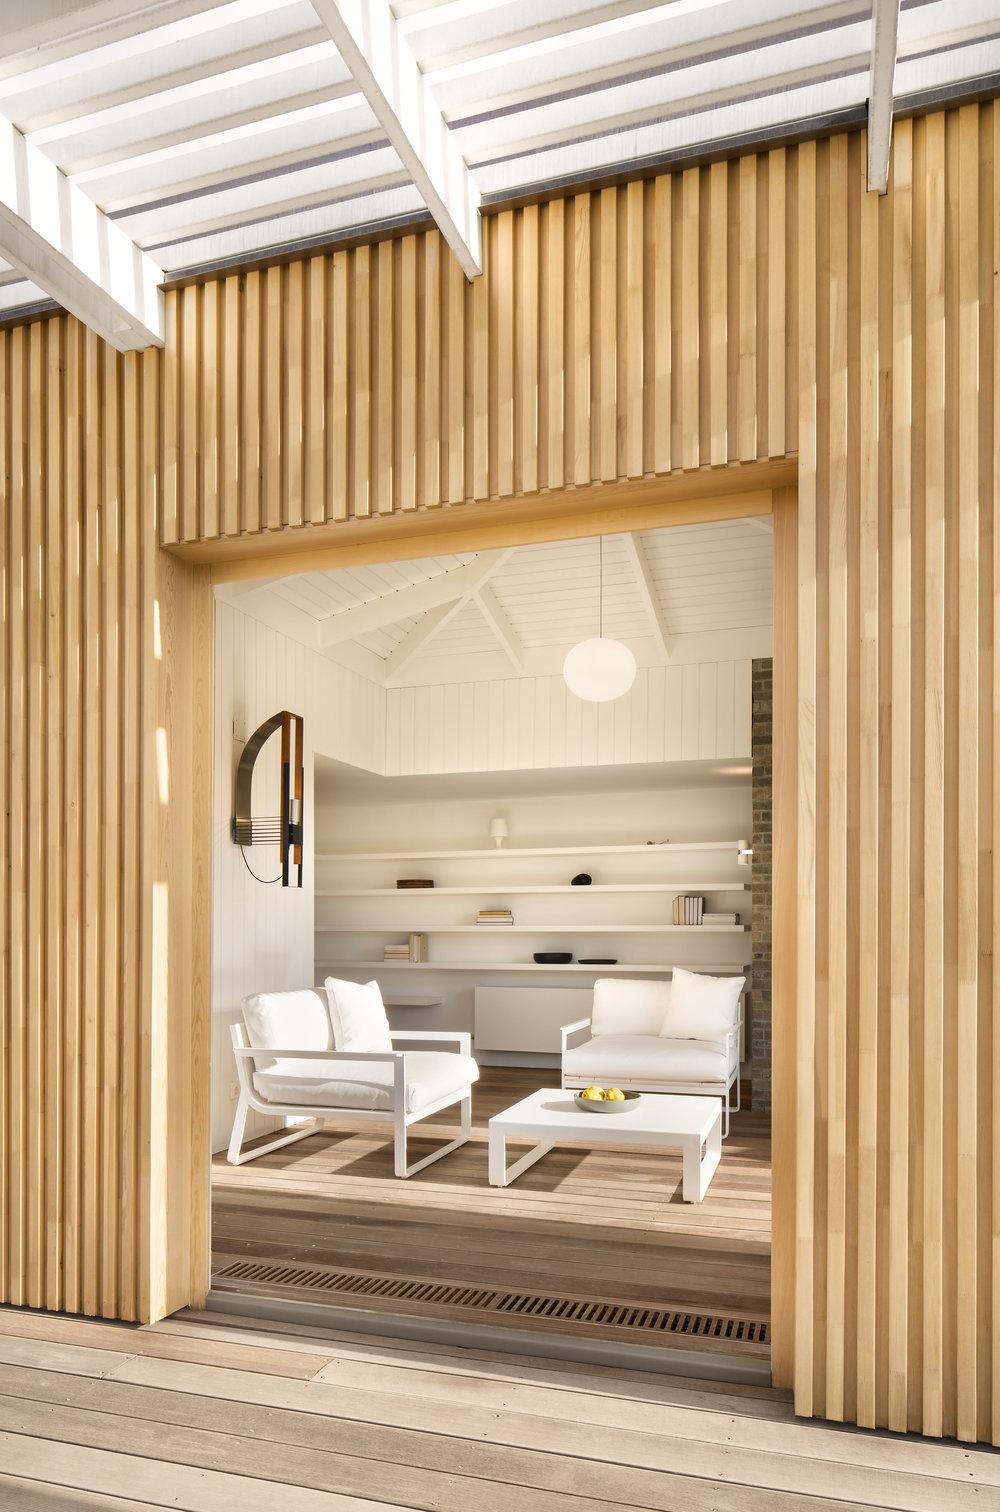 miras-villa_private-architecture-interior-design_coordination-berlin_12.jpg